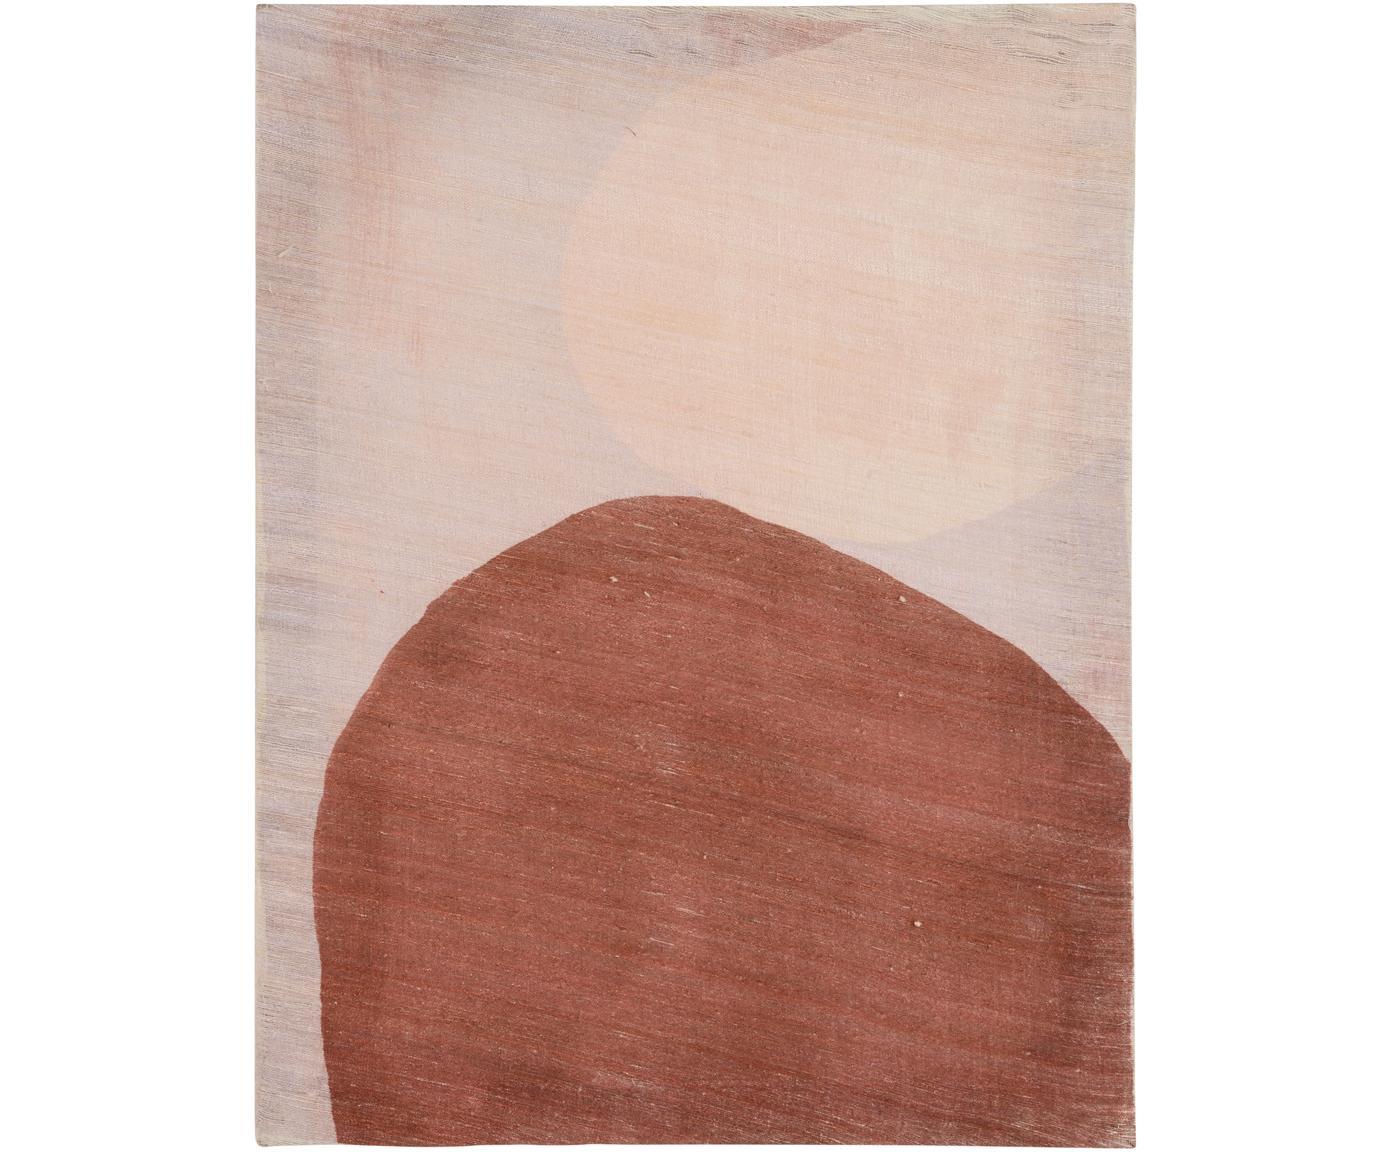 Handbeschilderde canvasdoek Two Dots, Khadi zijde, Bruin, beigetinten, 50 x 65 cm